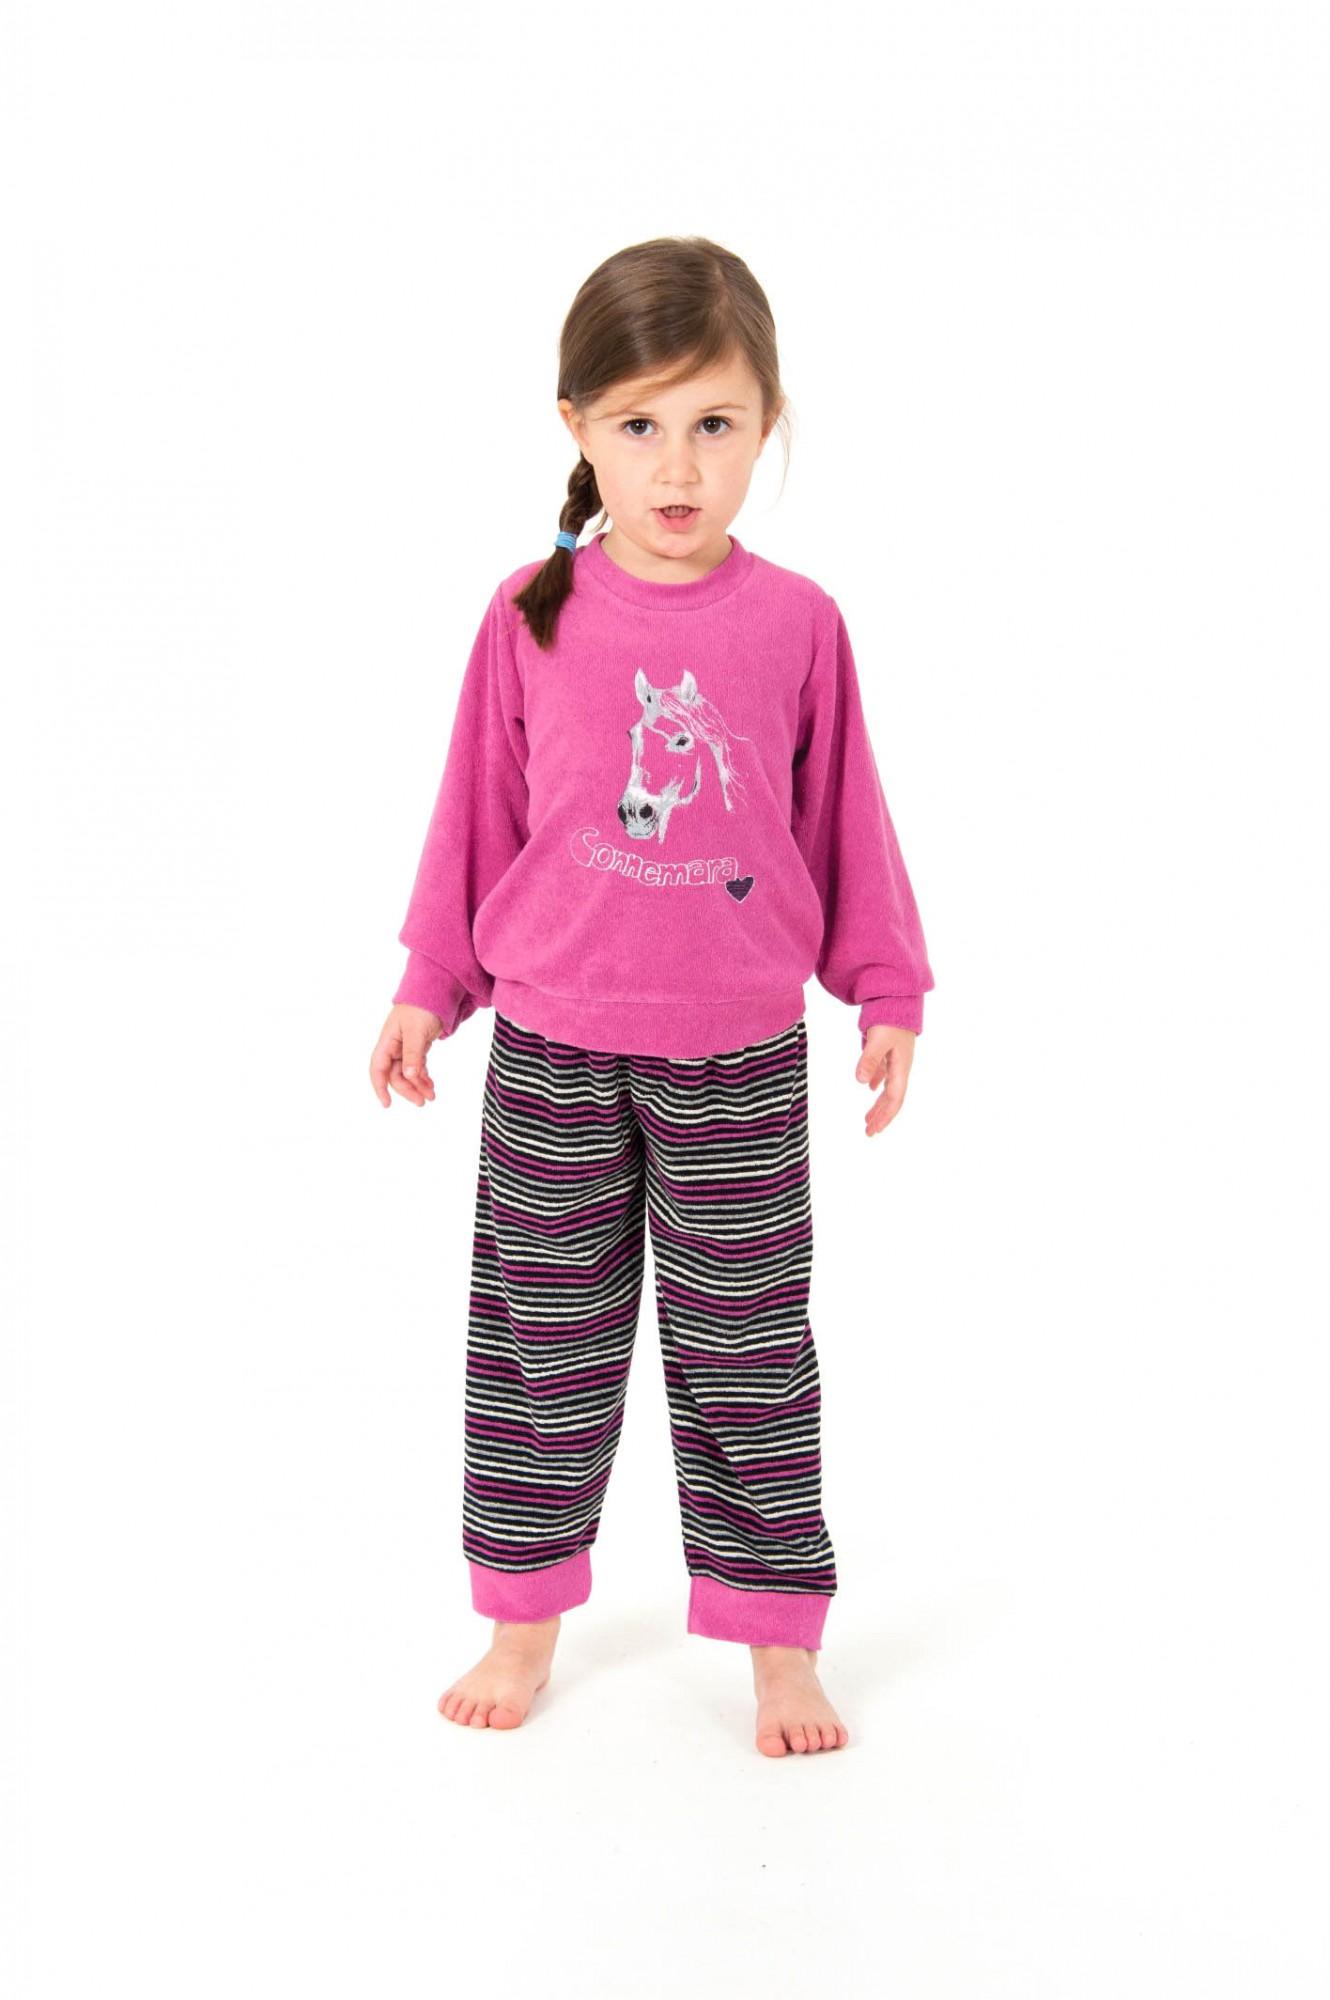 Mädchen Frottee Pyjama lang mit Bündchen – Grössen 86 – 110 -   251 701 93 141